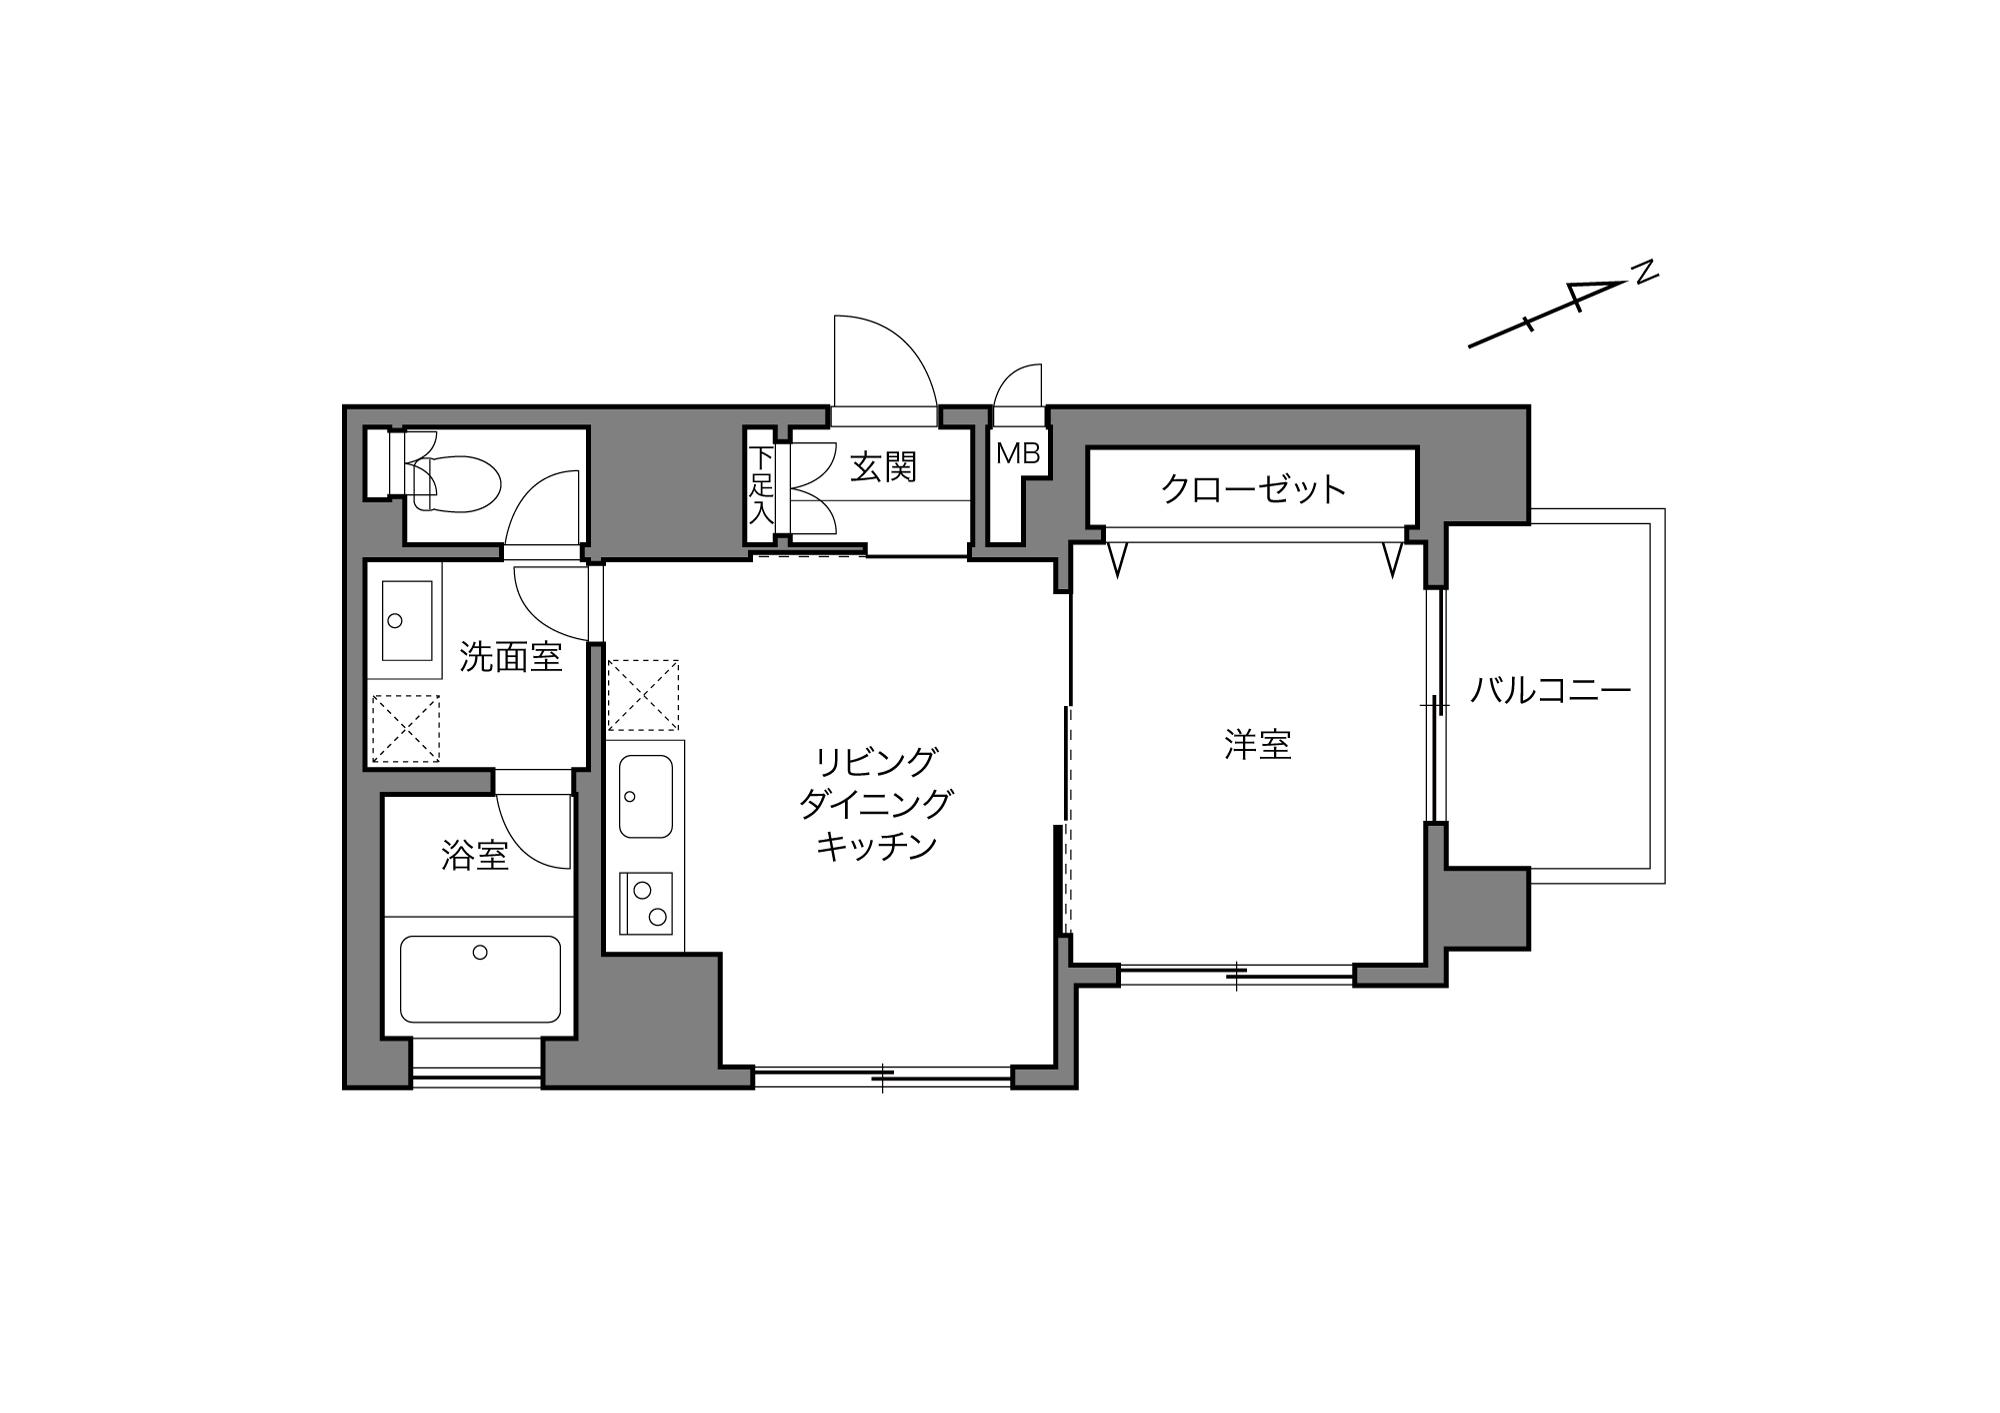 御茶ノ水駅 / 1LDK / 35.85㎡